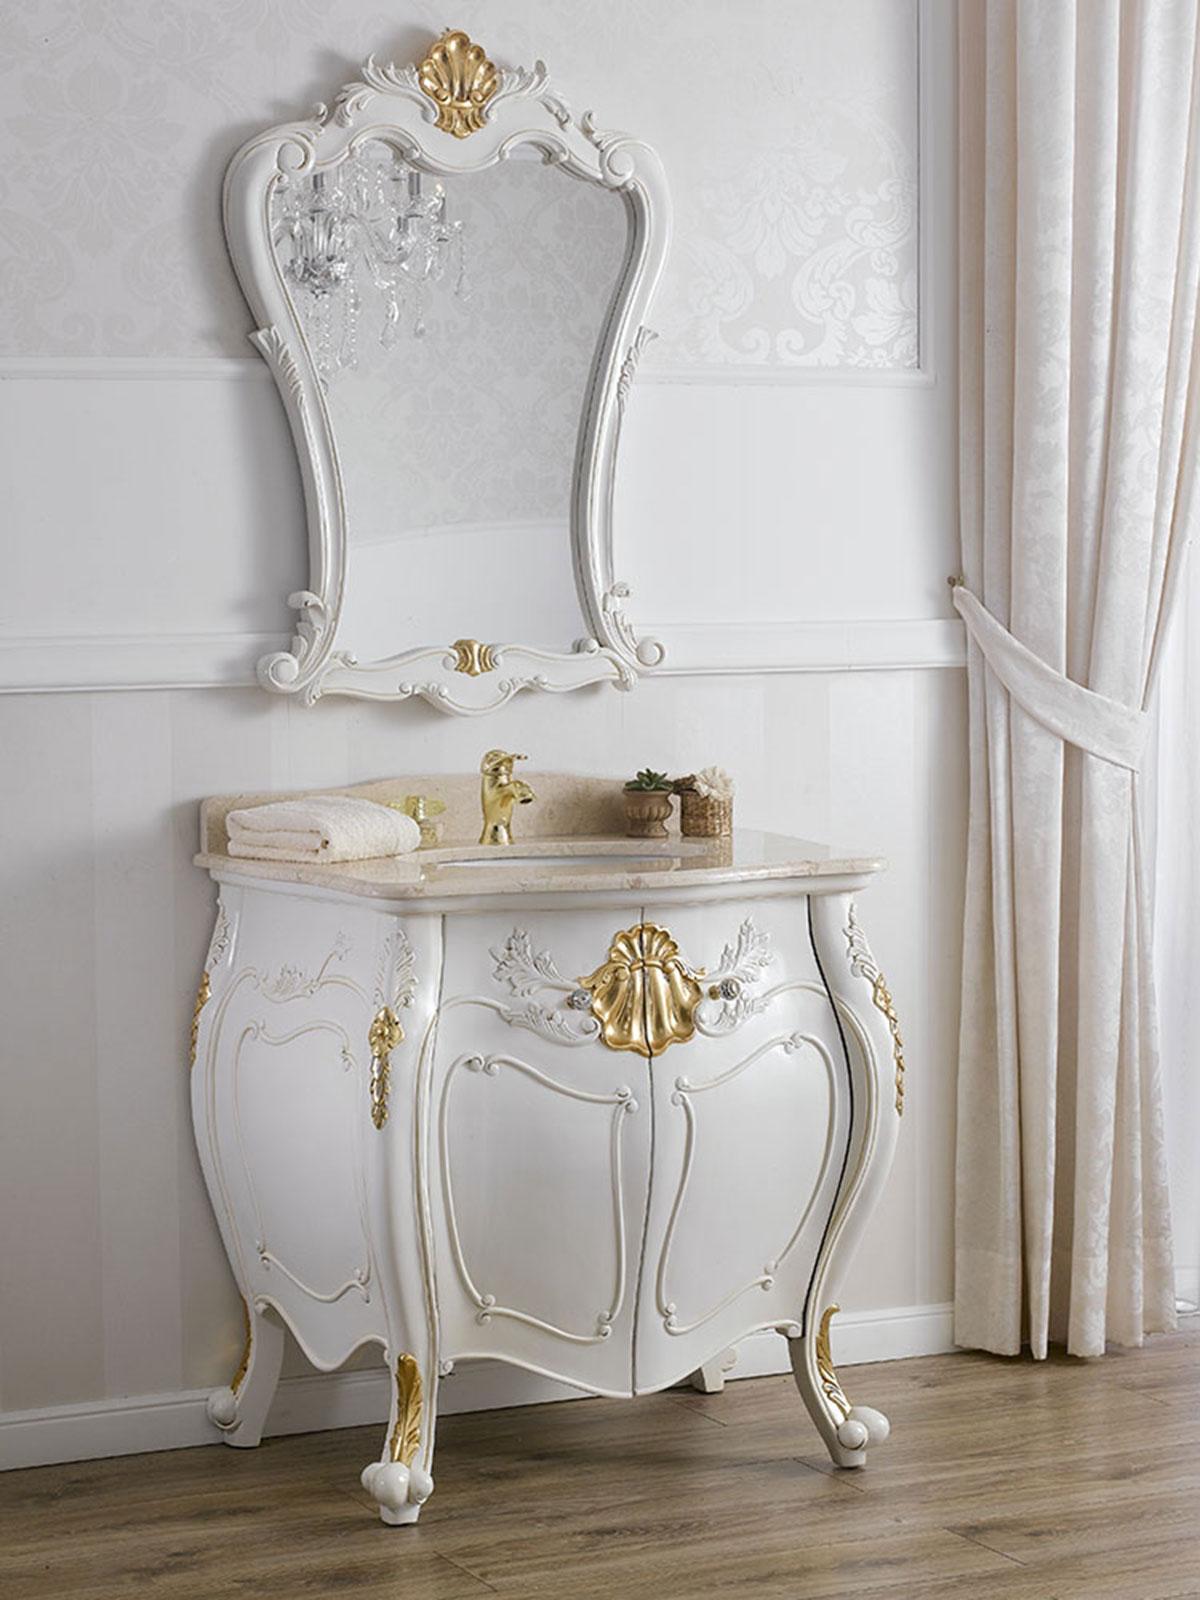 Badezimmer Kommode mit Spiegel Anderson Barock Stil Decape Badmbel gewlbt elfe  eBay